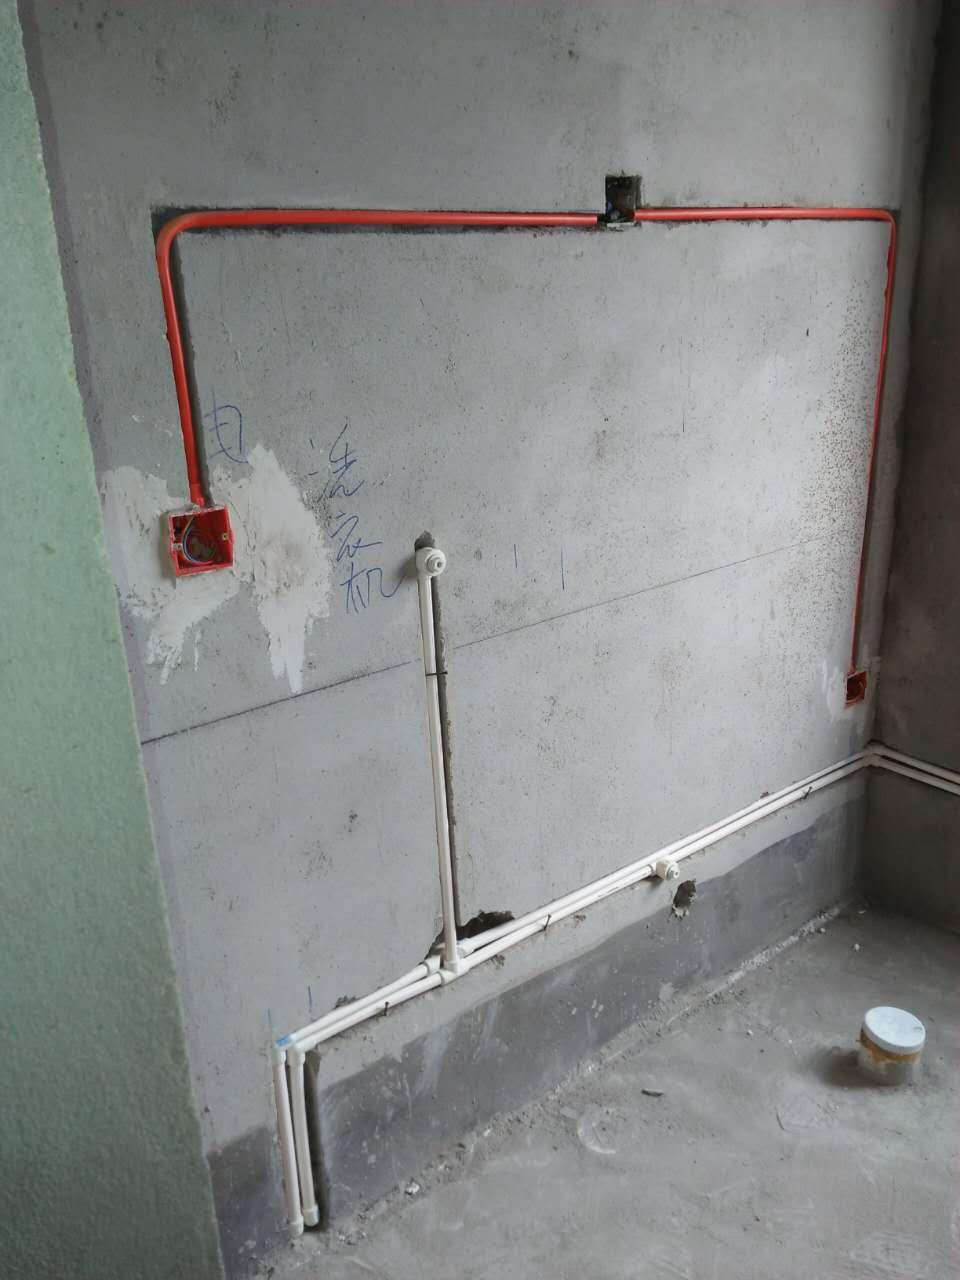 【恒源水电暖】烟台地暖 烟台地暖施工 烟台水电暖安装